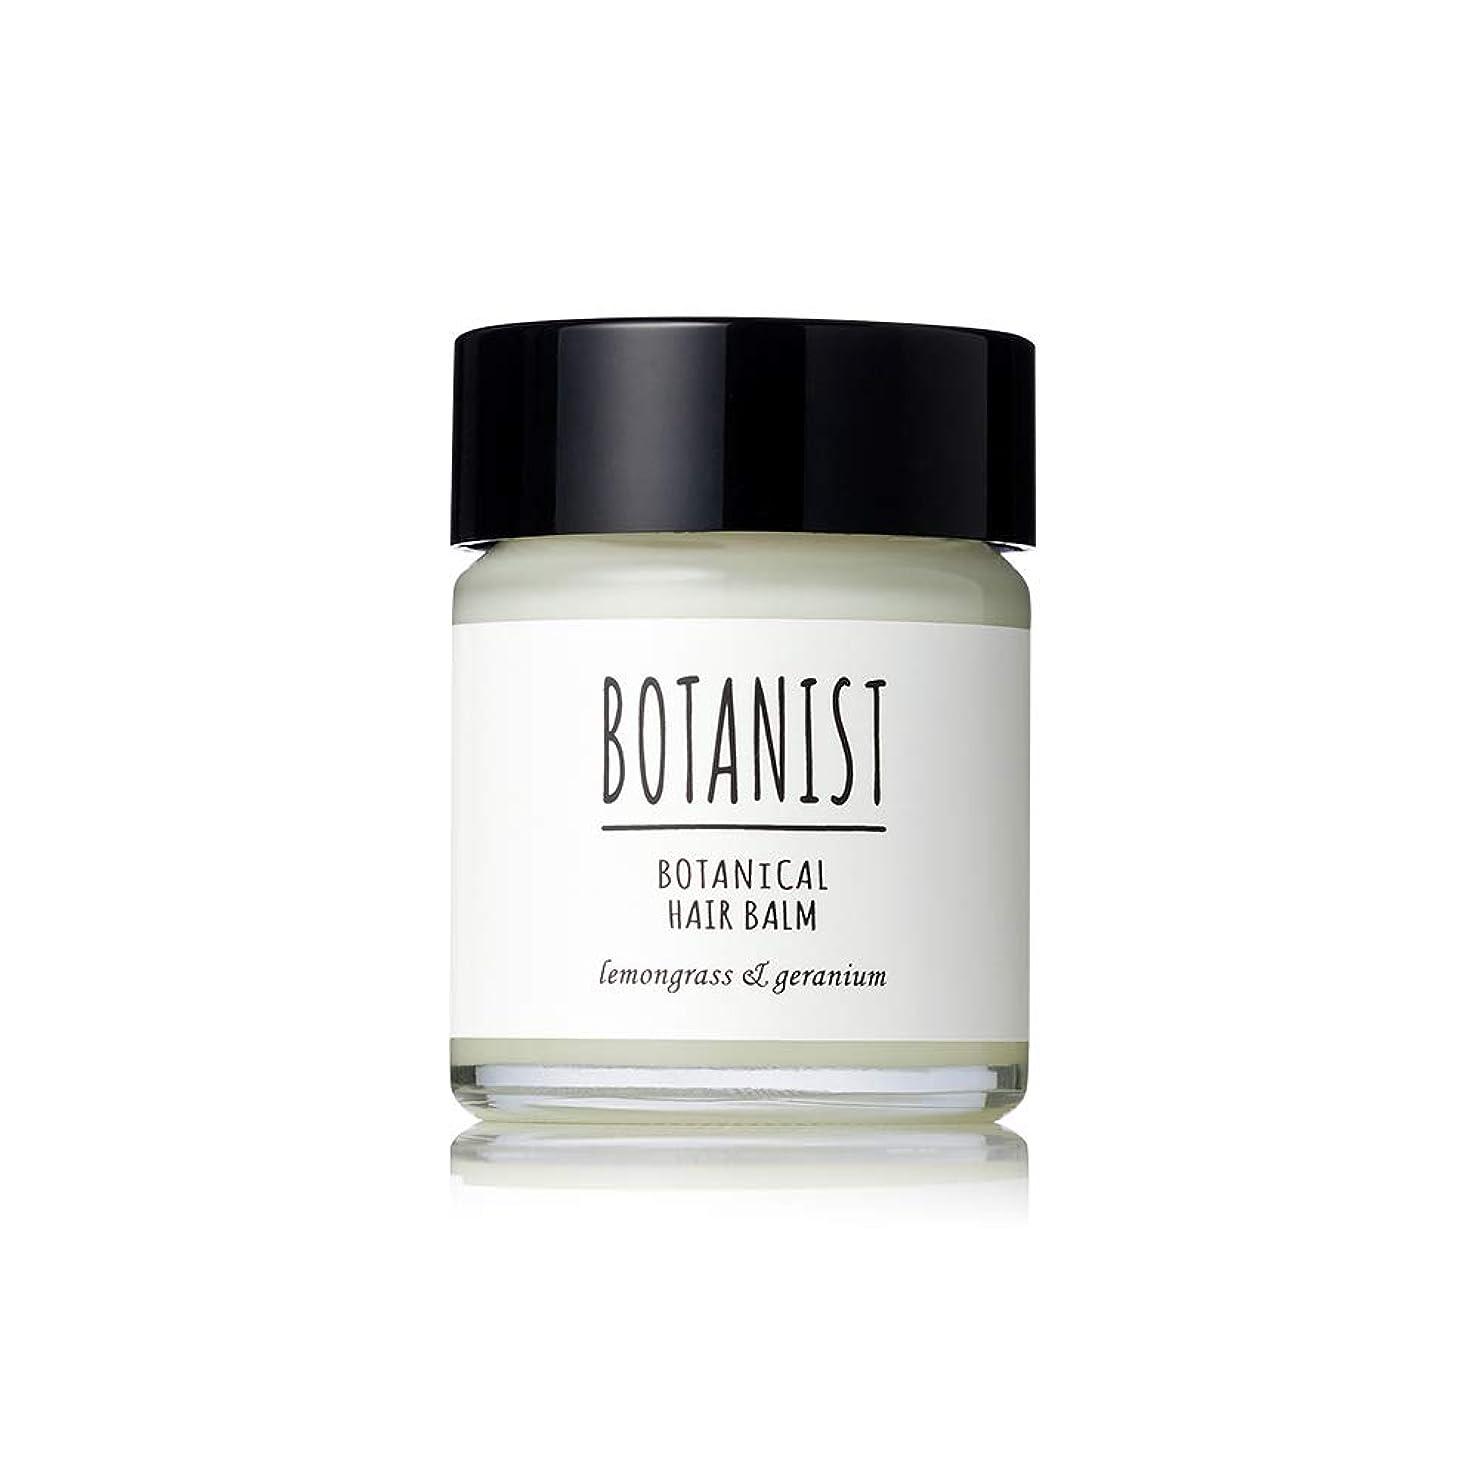 ギネス八百屋さん活性化するBOTANIST ボタニスト ボタニカルヘアバーム 32g レモングラス&ゼラニウムの香り